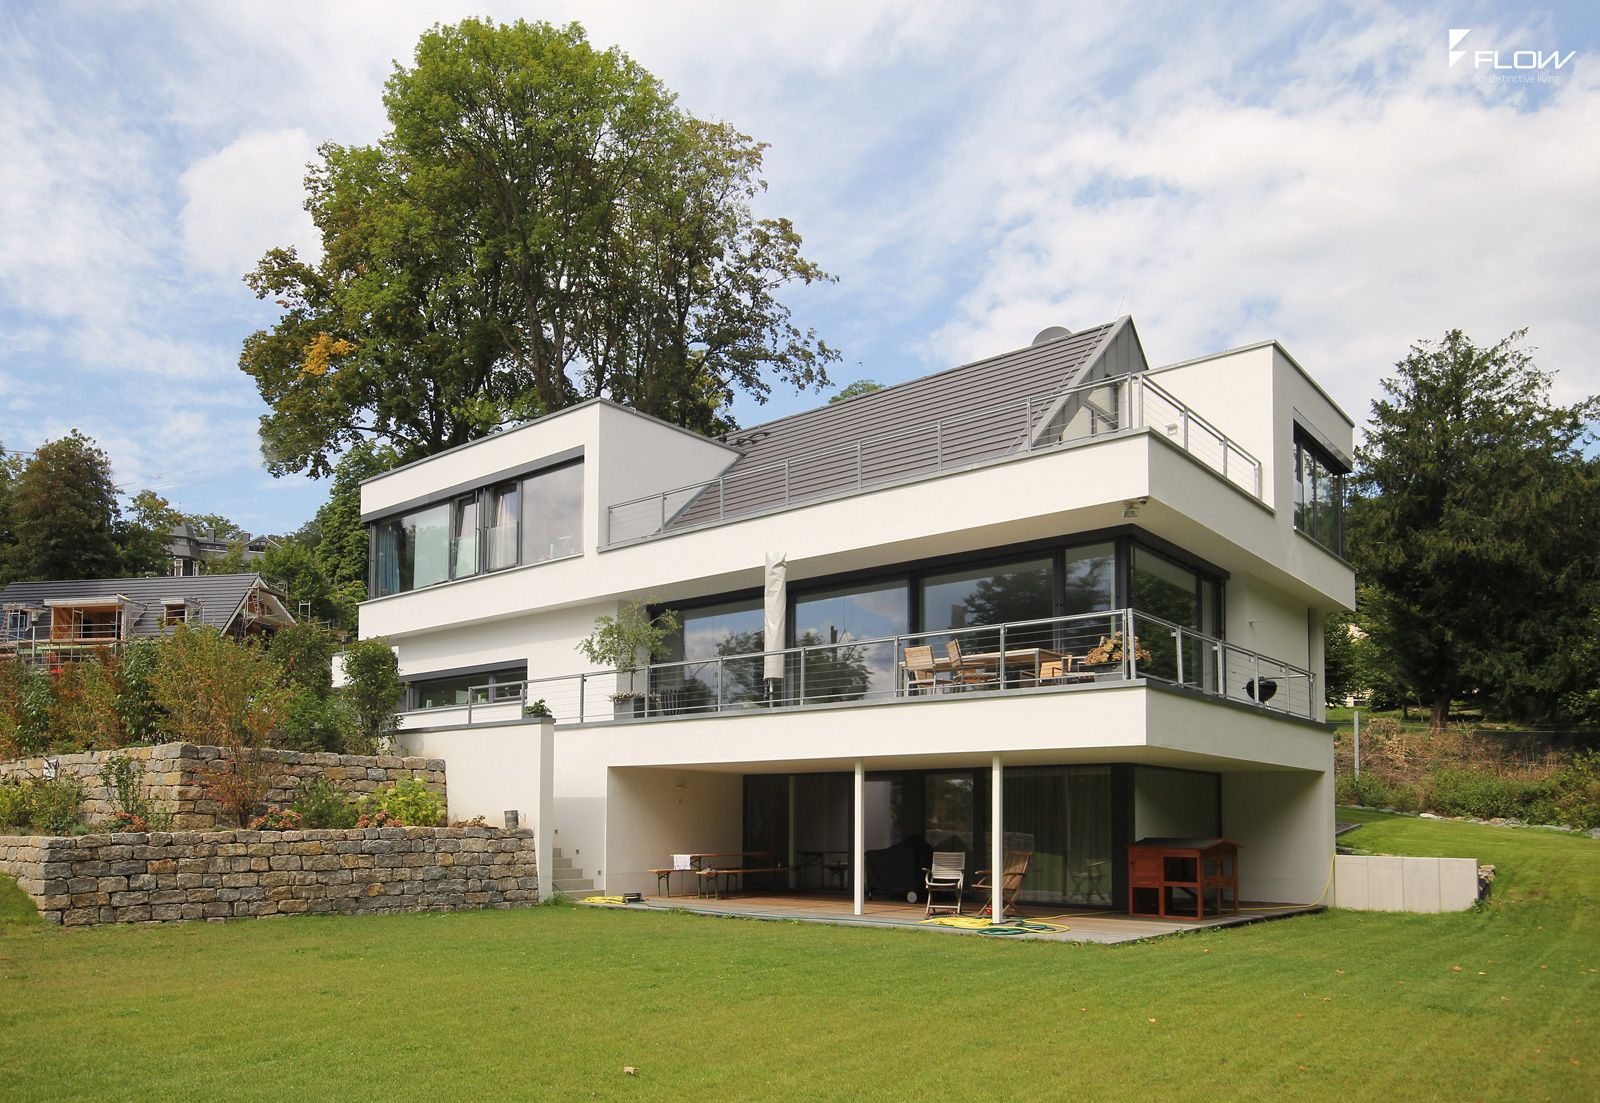 Modernes satteldachhaus im taunus bauen arquitectura for Minimalistisches haus grundriss